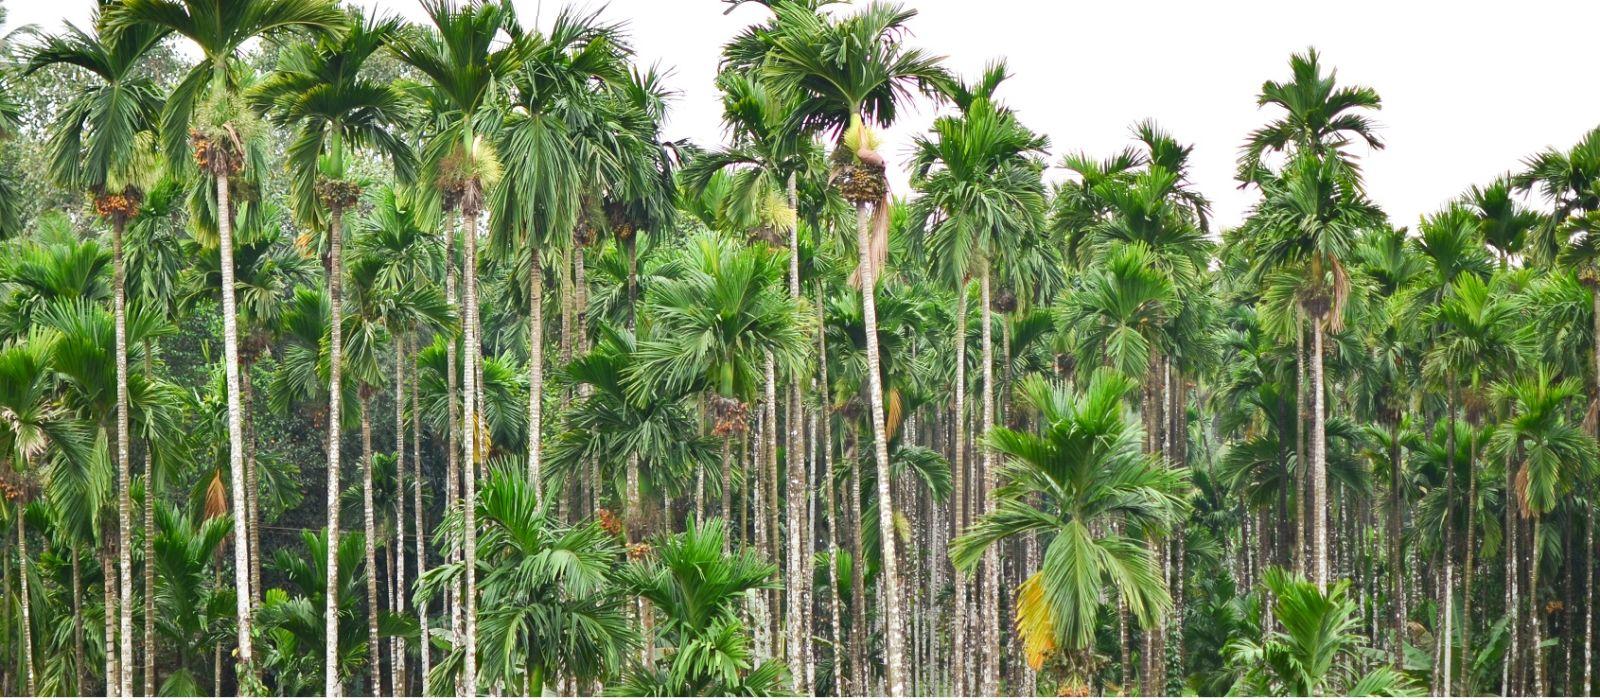 Reiseziel Mangalore Südindien